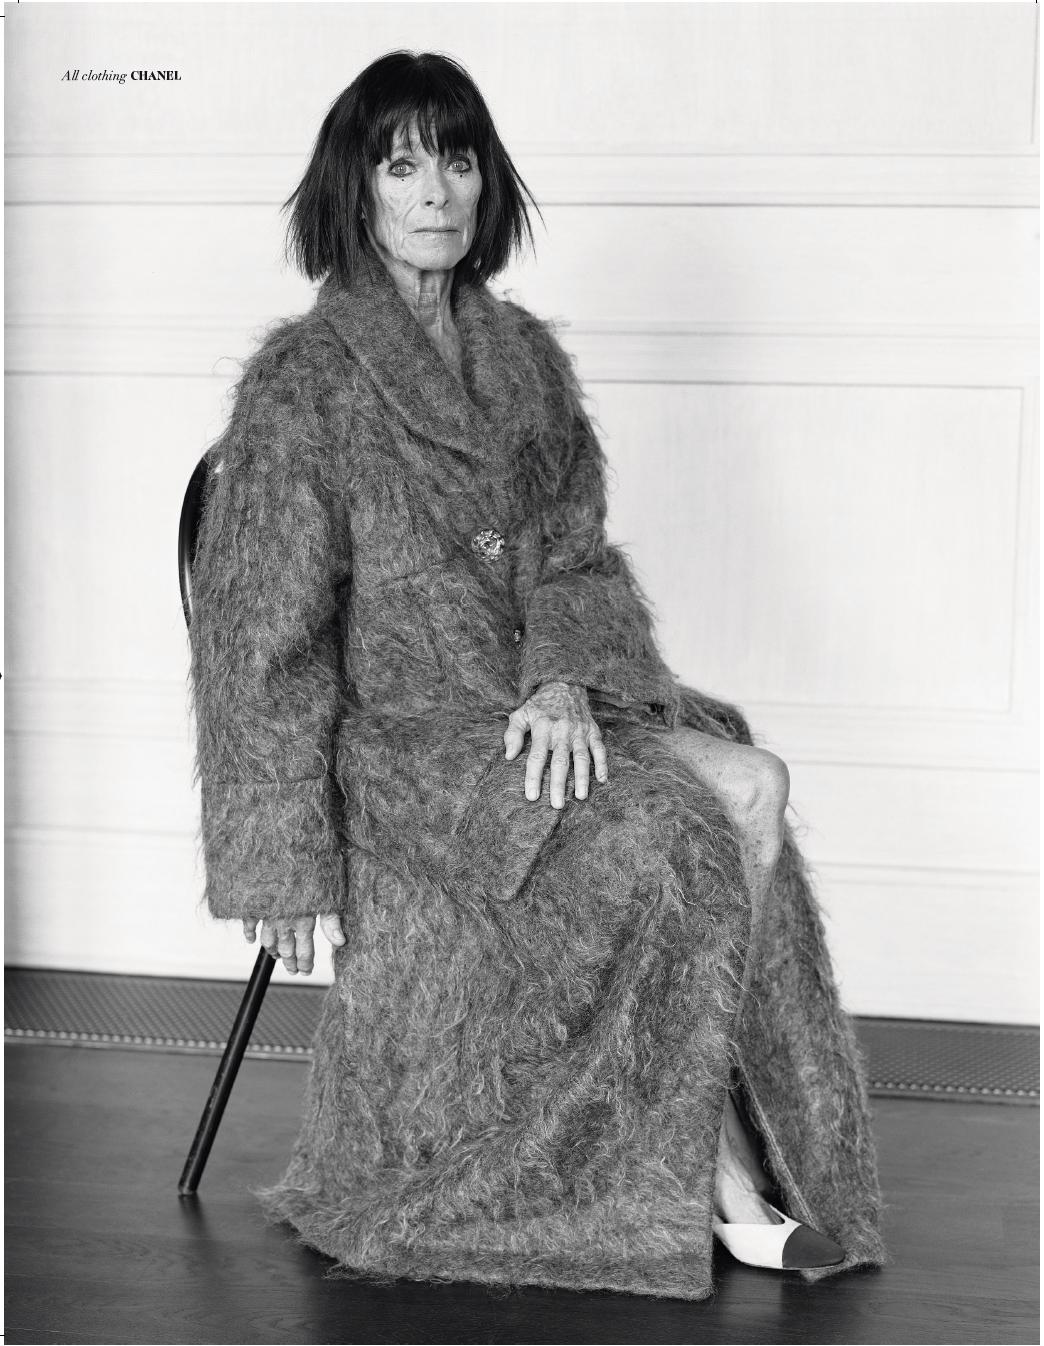 Geraldine Chaplin in Violet Issue 4 - ph. Thomas Hauser